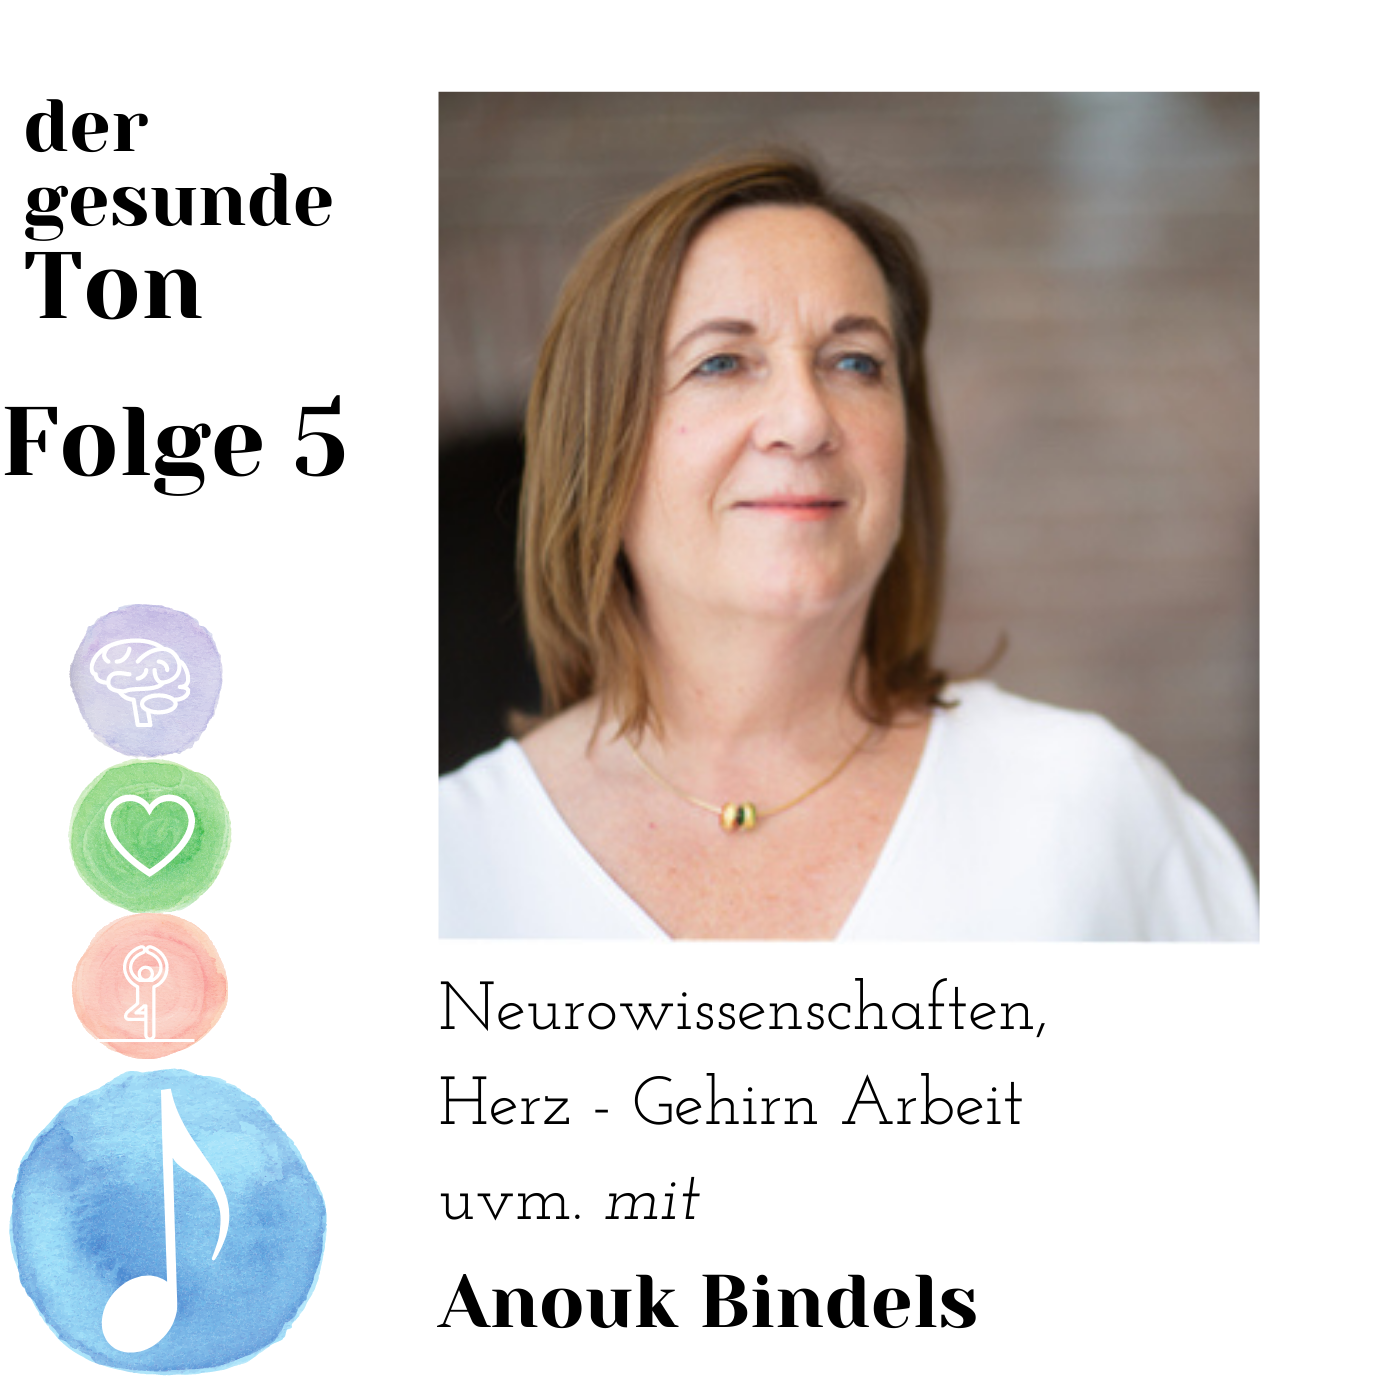 Neurowissenschaften, Herz-Gehirn Arbeit uvm. mit Anouk Bindels